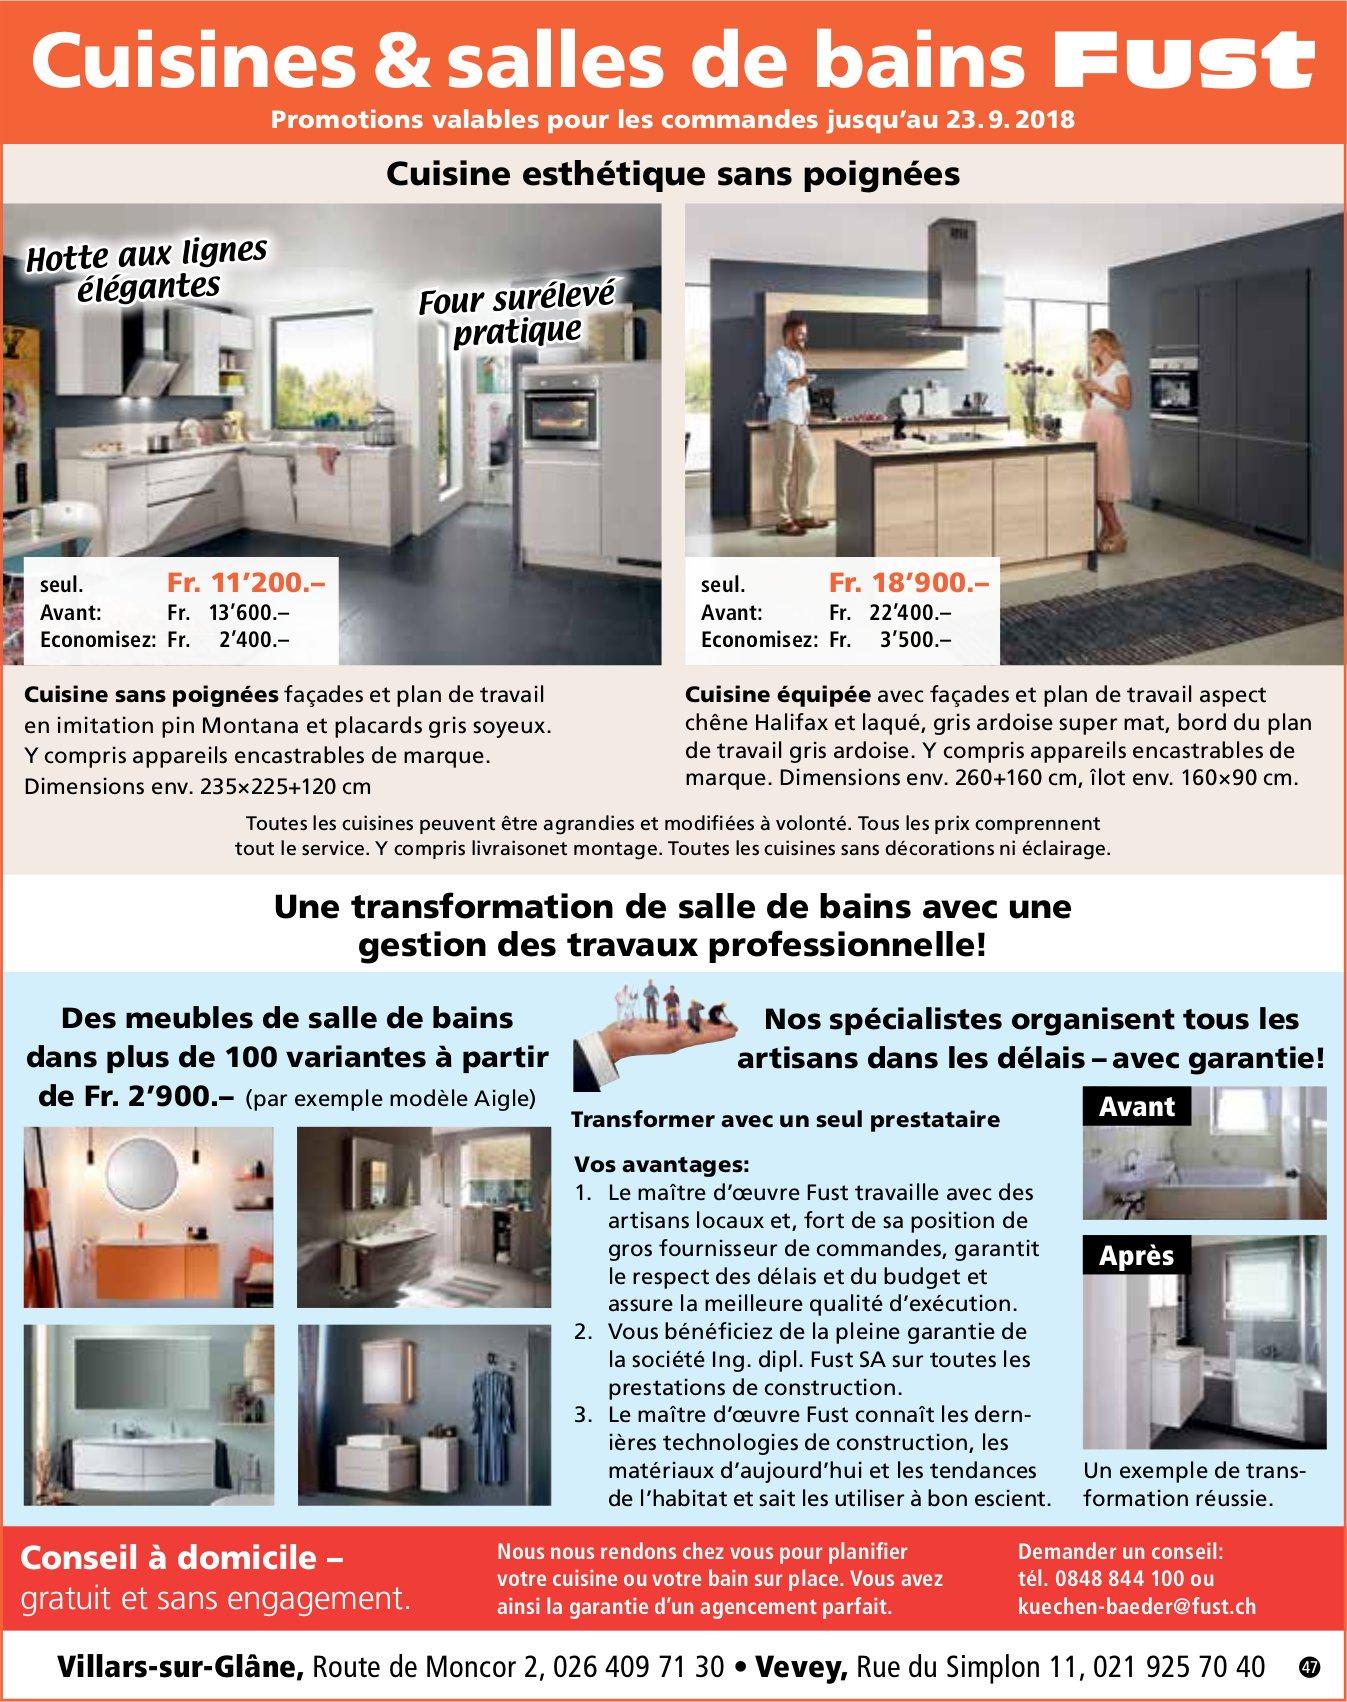 Cuisines & salles de bains Fust, Villars-sur-Glâne, Pour une transformation de salle de bain